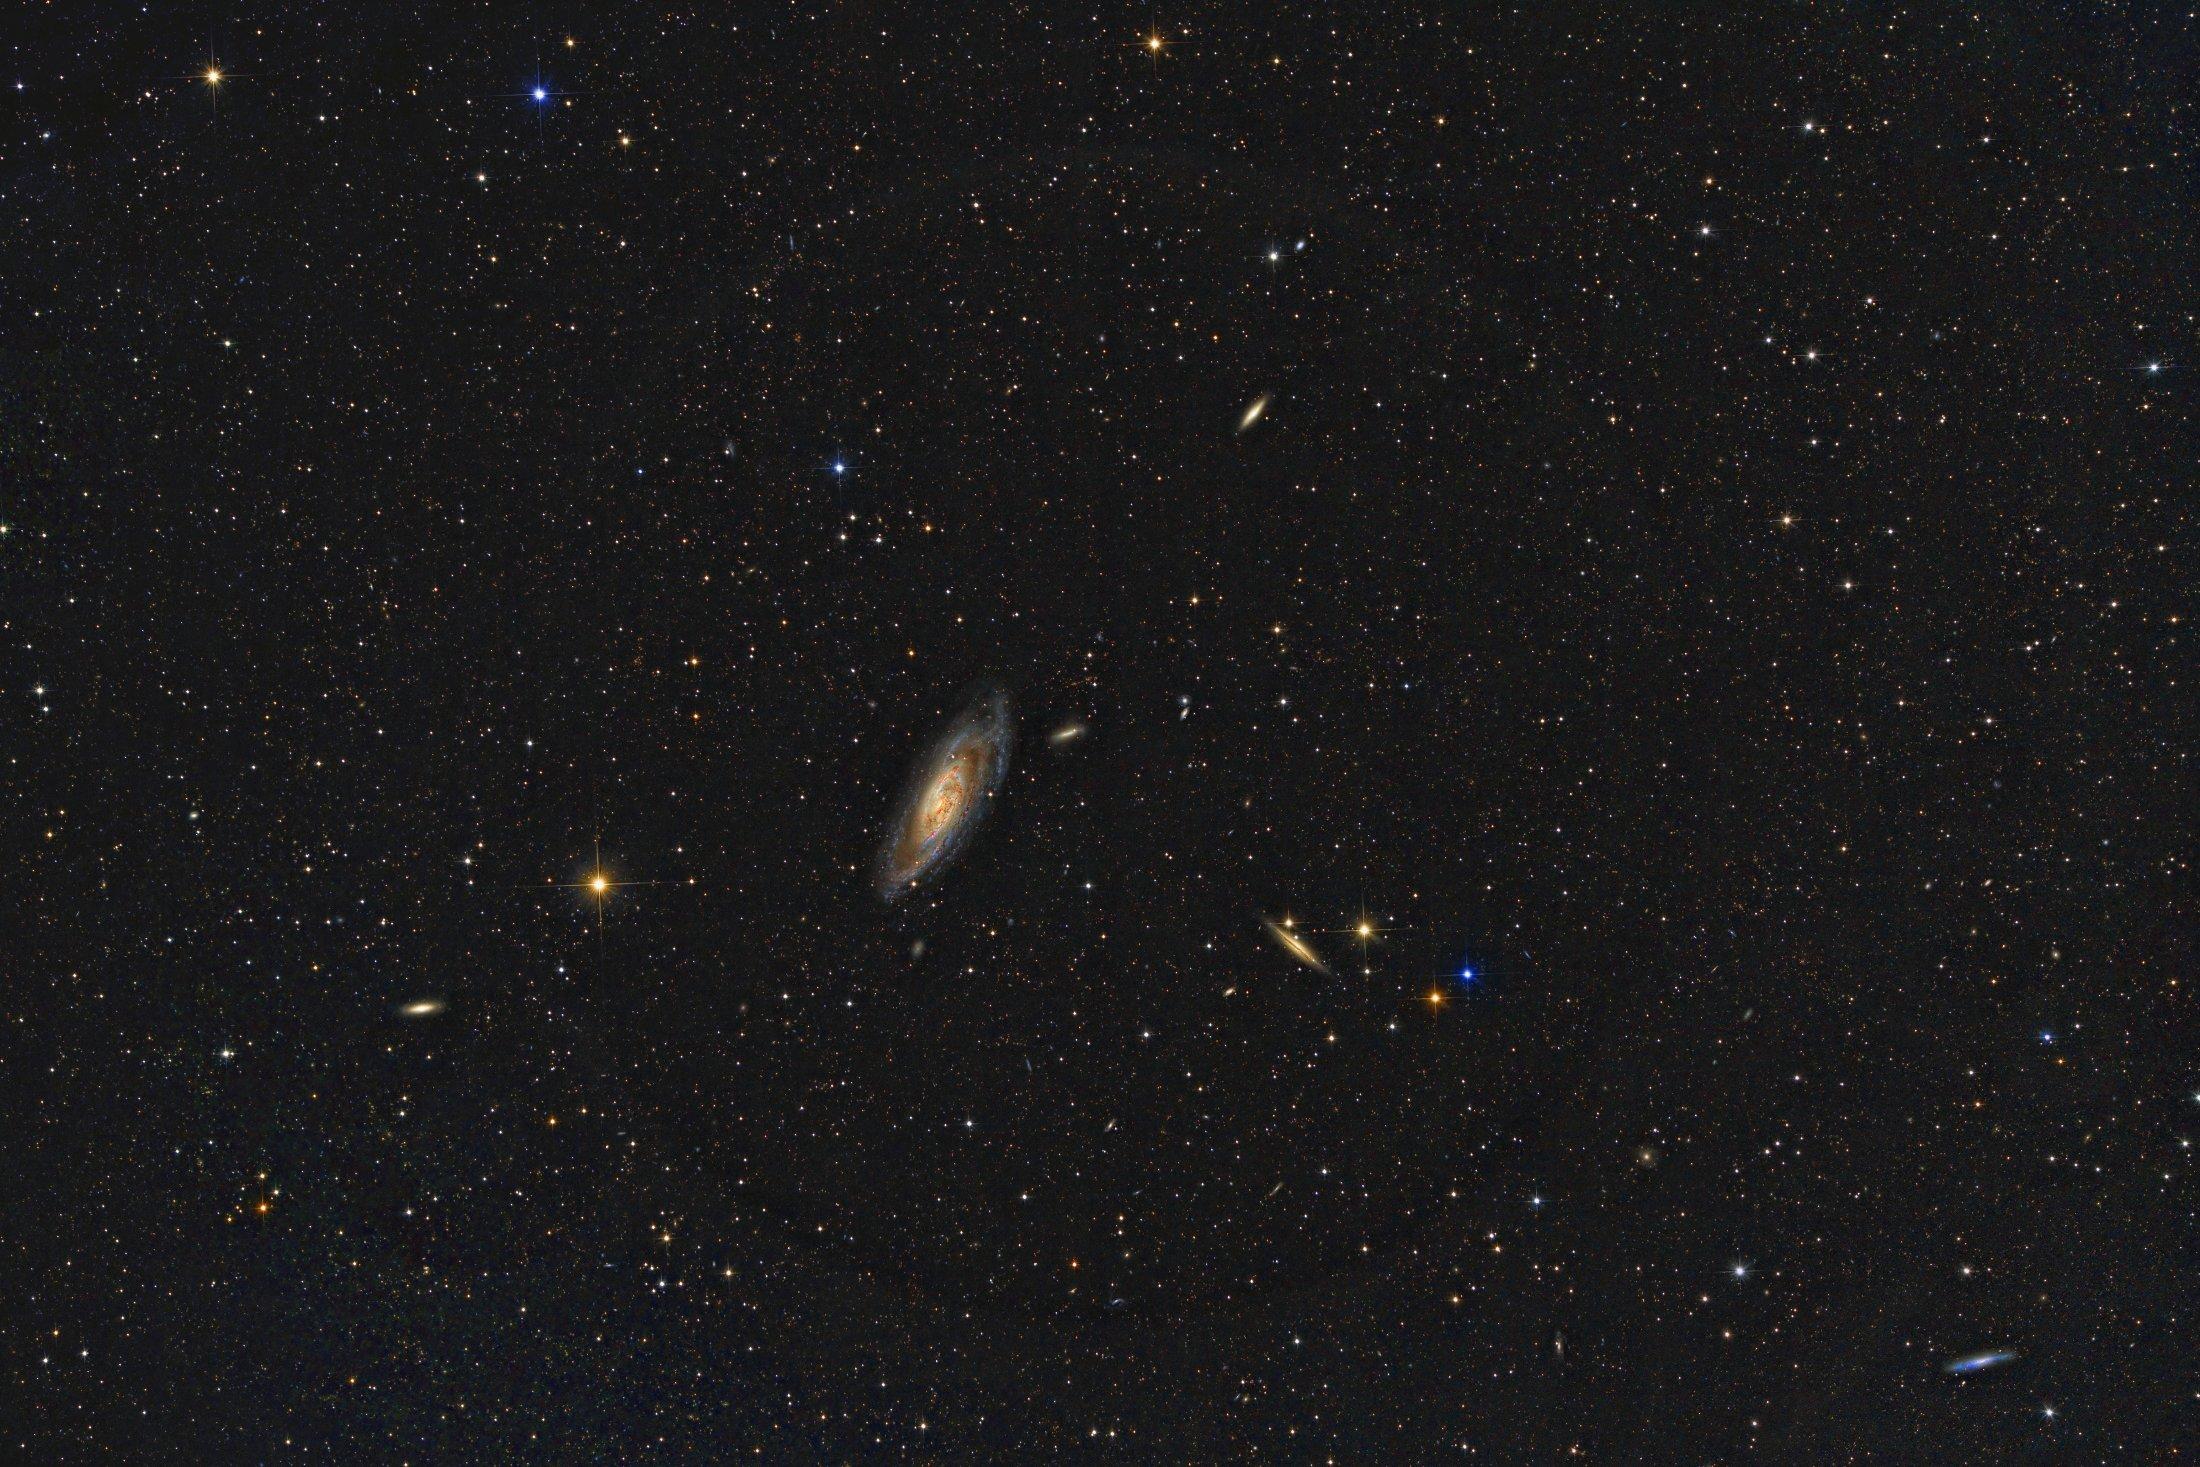 M106 intermediate spiral galaxy in constellation Canes Venatici